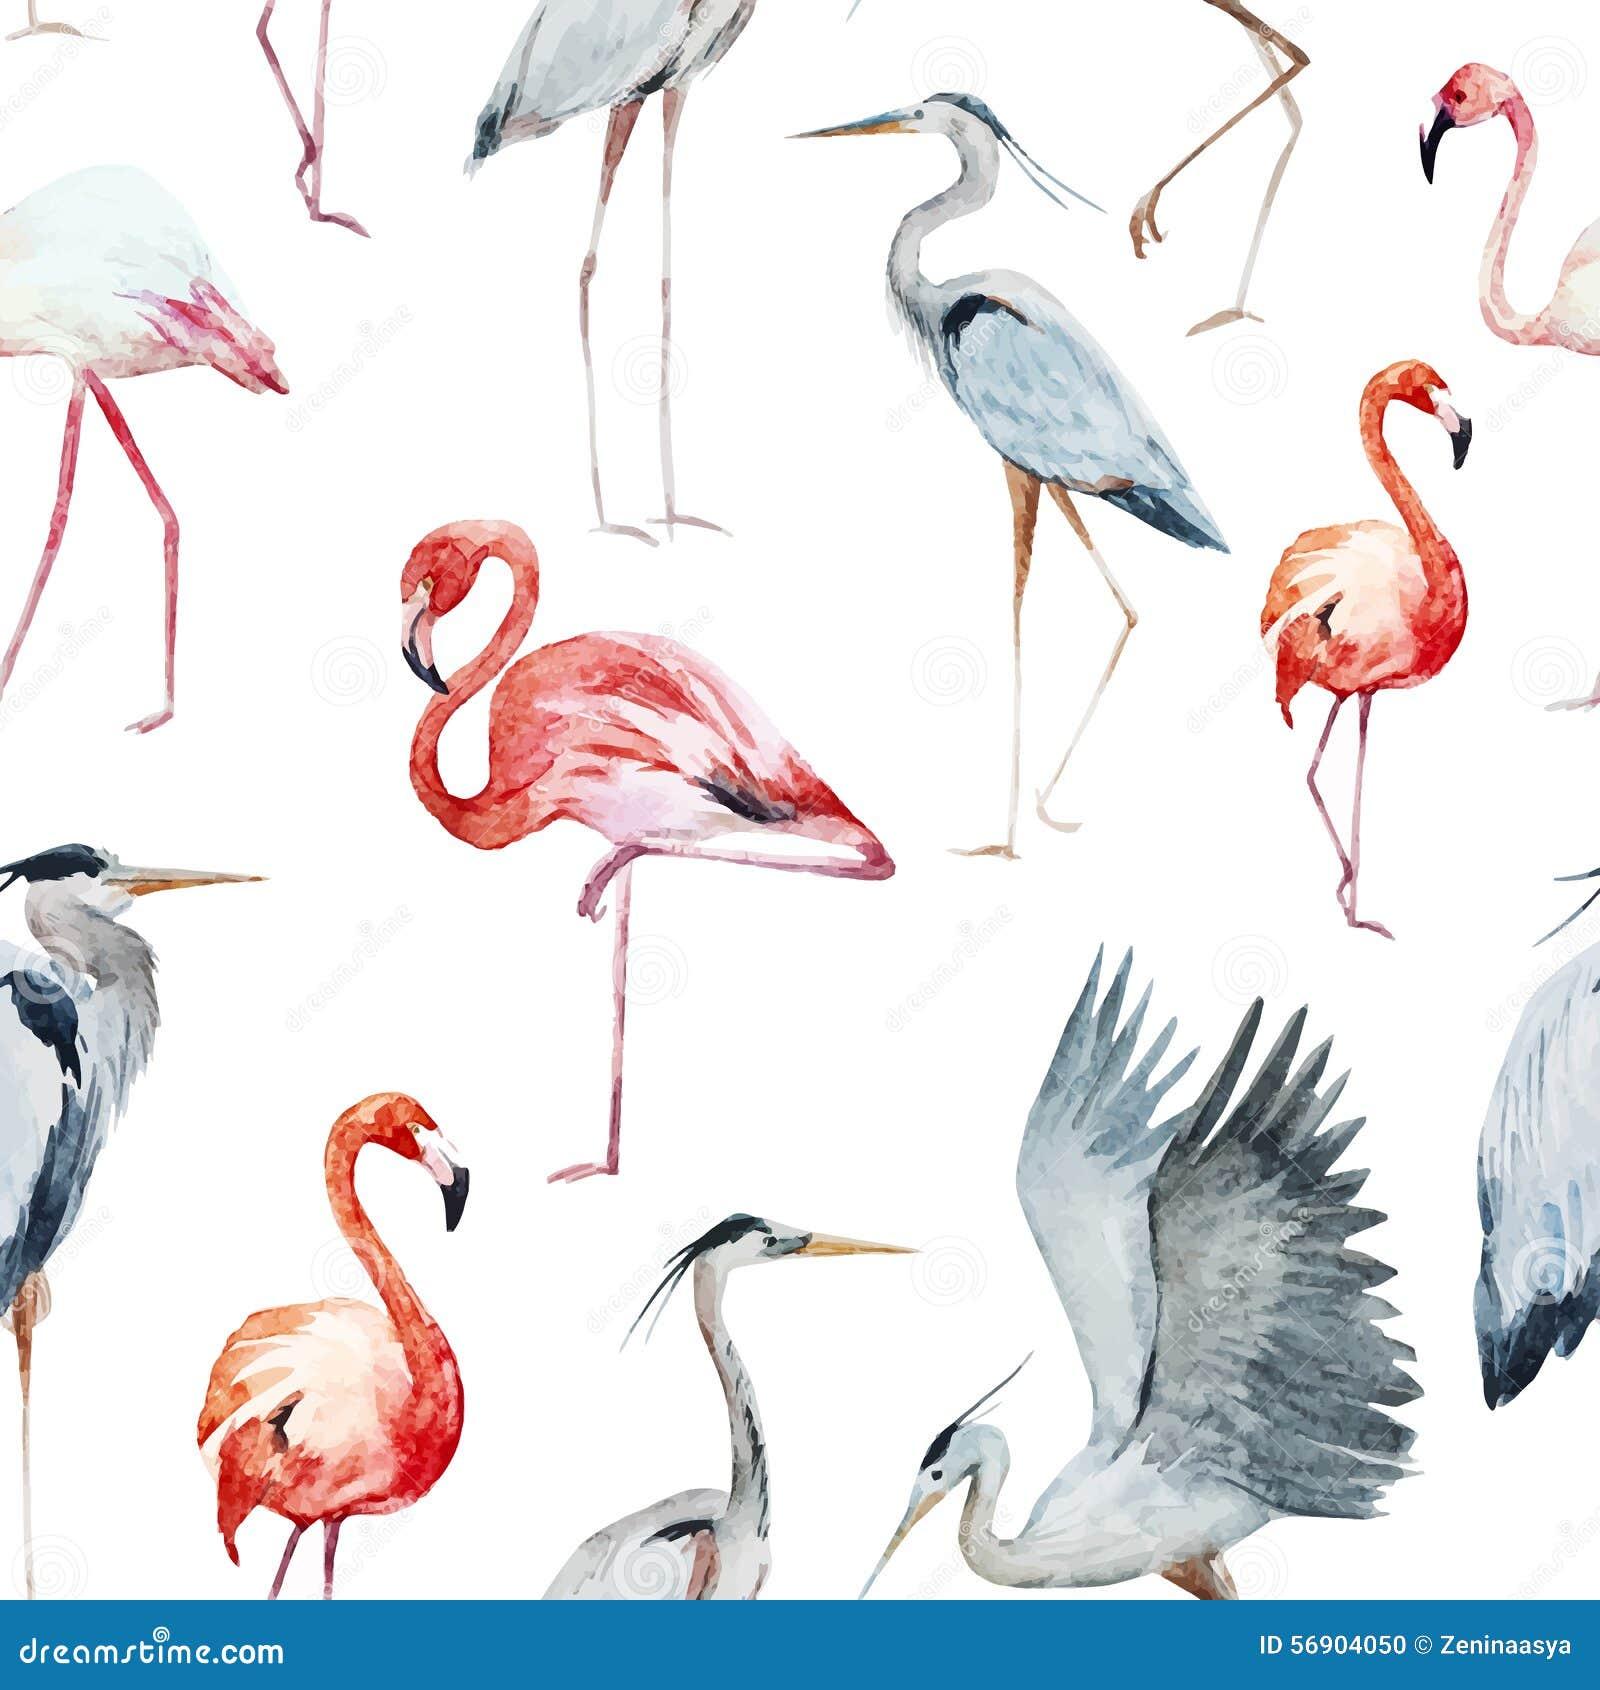 Flamngo and heron pattern